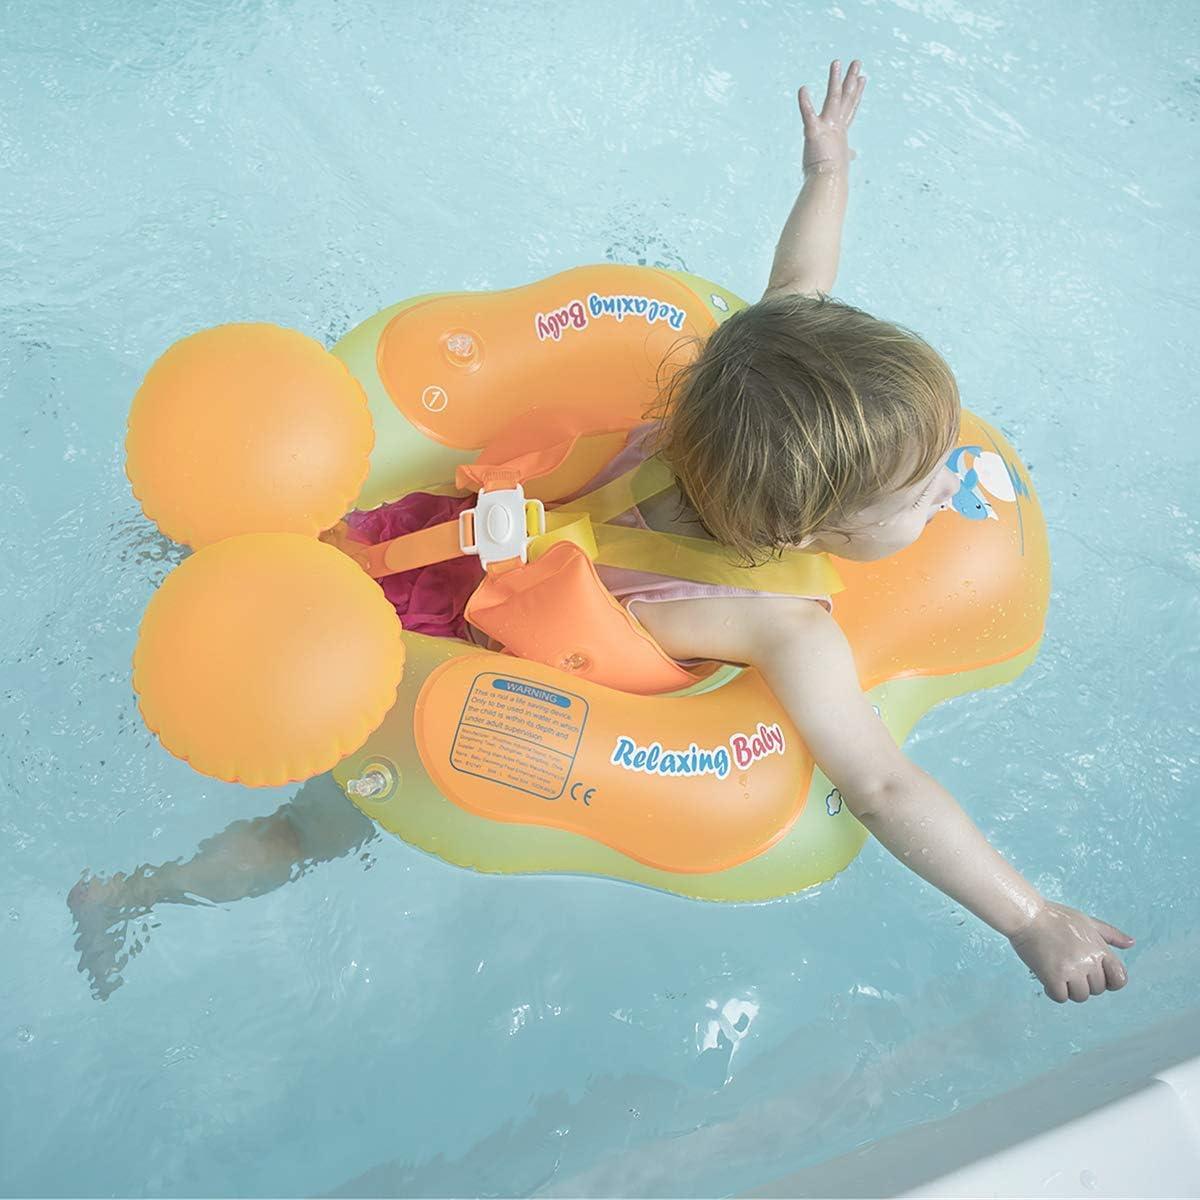 Azul, S Anillo de Nataci/ón para beb/és de Piscina Flotador Inflable para Ni/ños Flotador de Nataci/ón Nadar Anillo Cintura Ajustable Myir Flotador beb/é